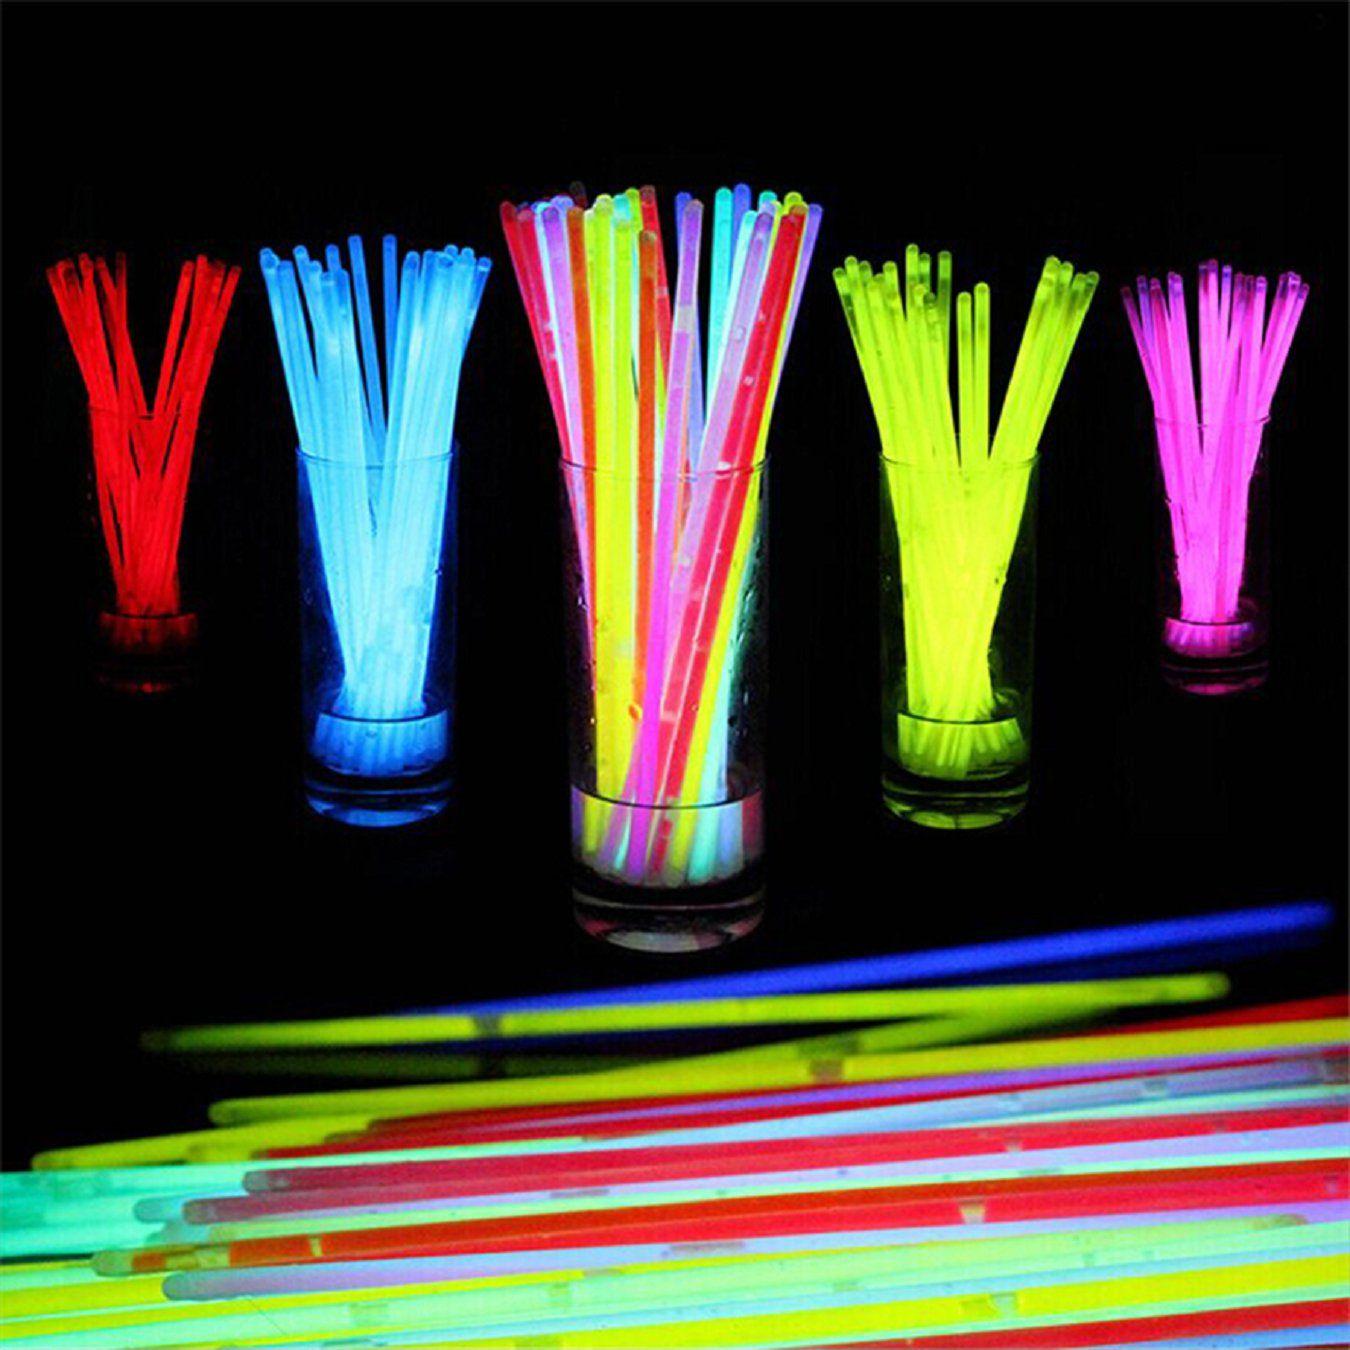 Bote De Pulseras Luminosas 50 Barritas Fluorescentes Y 50